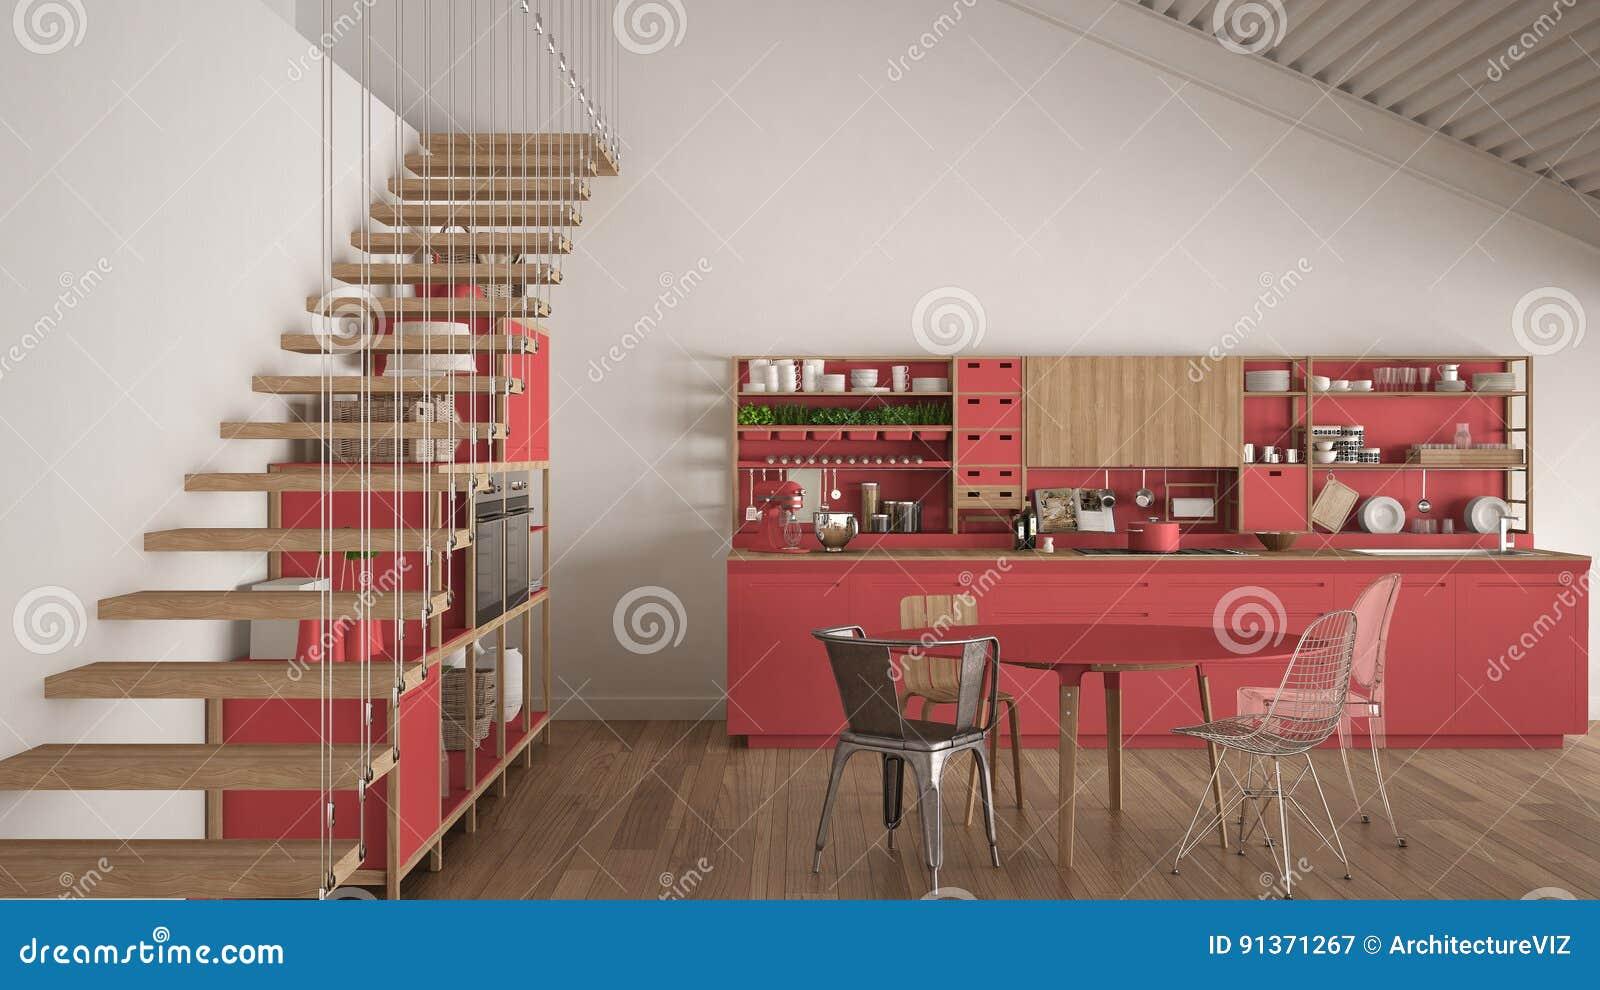 Cucina di legno bianca e rossa minimalista sottotetto con le scale classe illustrazione di - Cucina rossa e bianca ...